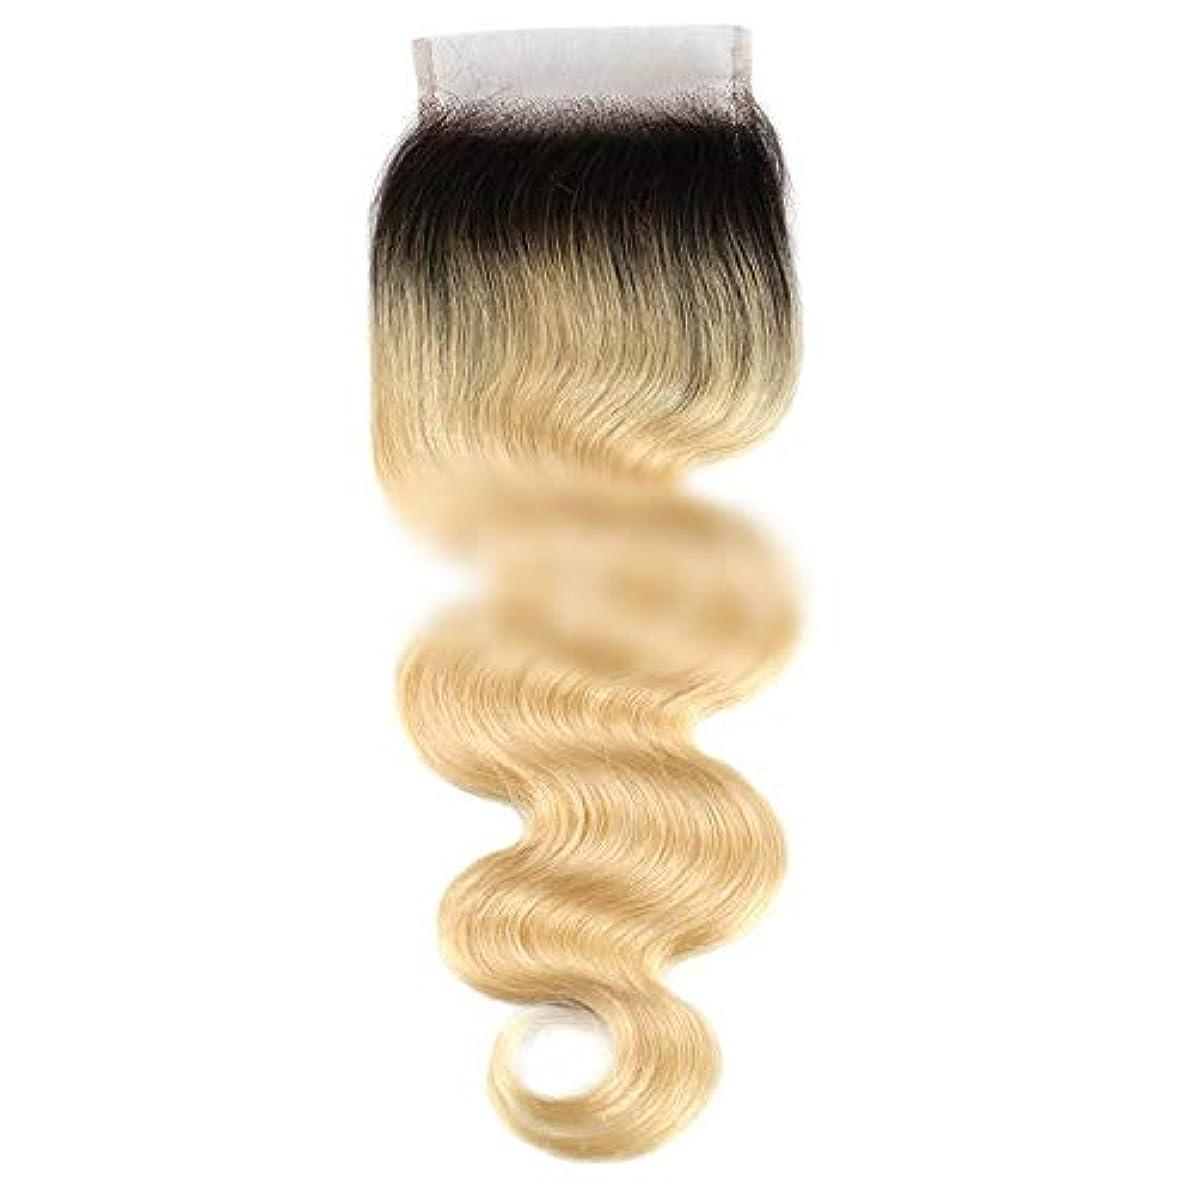 進化する希少性マントルHOHYLLYA 1B / 613#ブロンドヘア実体波4×4フリーパートレース閉鎖9Aブラジル人間の髪の毛のための合成髪レースかつらロールプレイングかつら長くて短い女性自然 (色 : Blonde, サイズ : 12 inch)